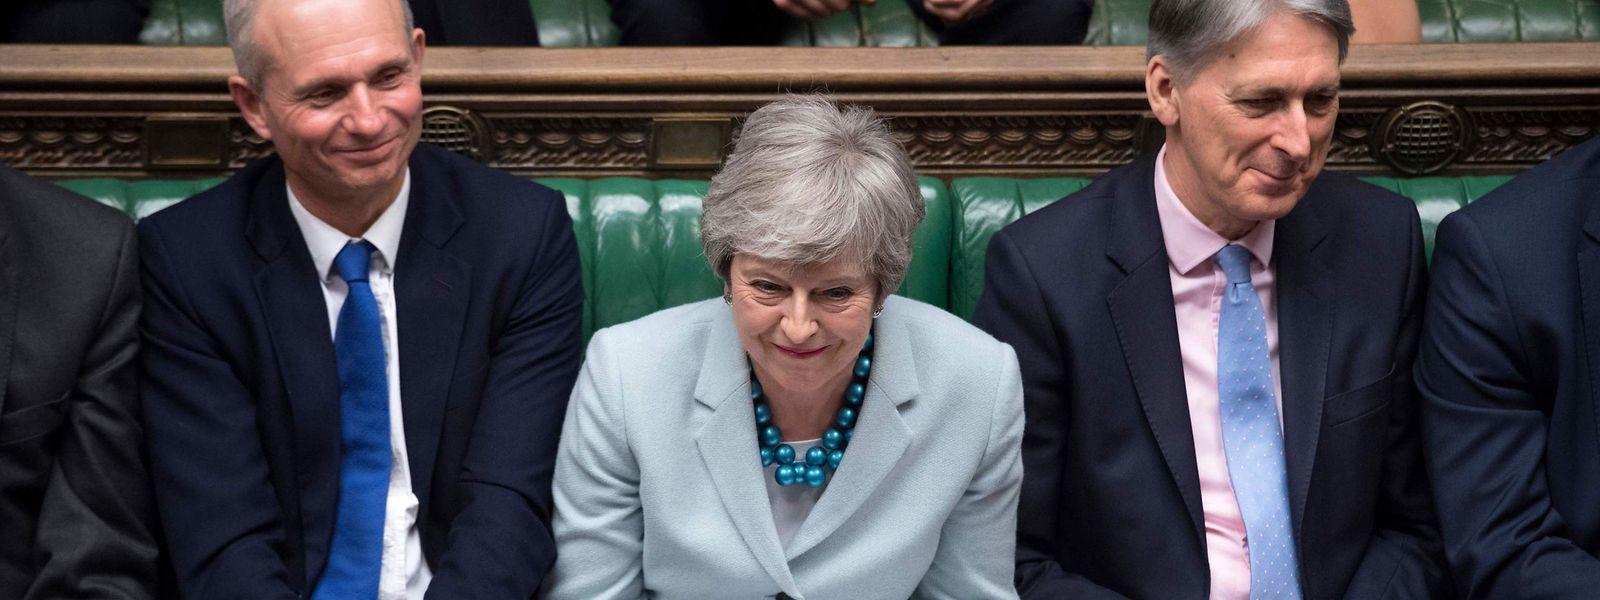 Nouvel échec pour Theresa May face aux députés, lundi soir. Le risque d'un «no deal» pour le Brexit se rapproche encore un peu plus.